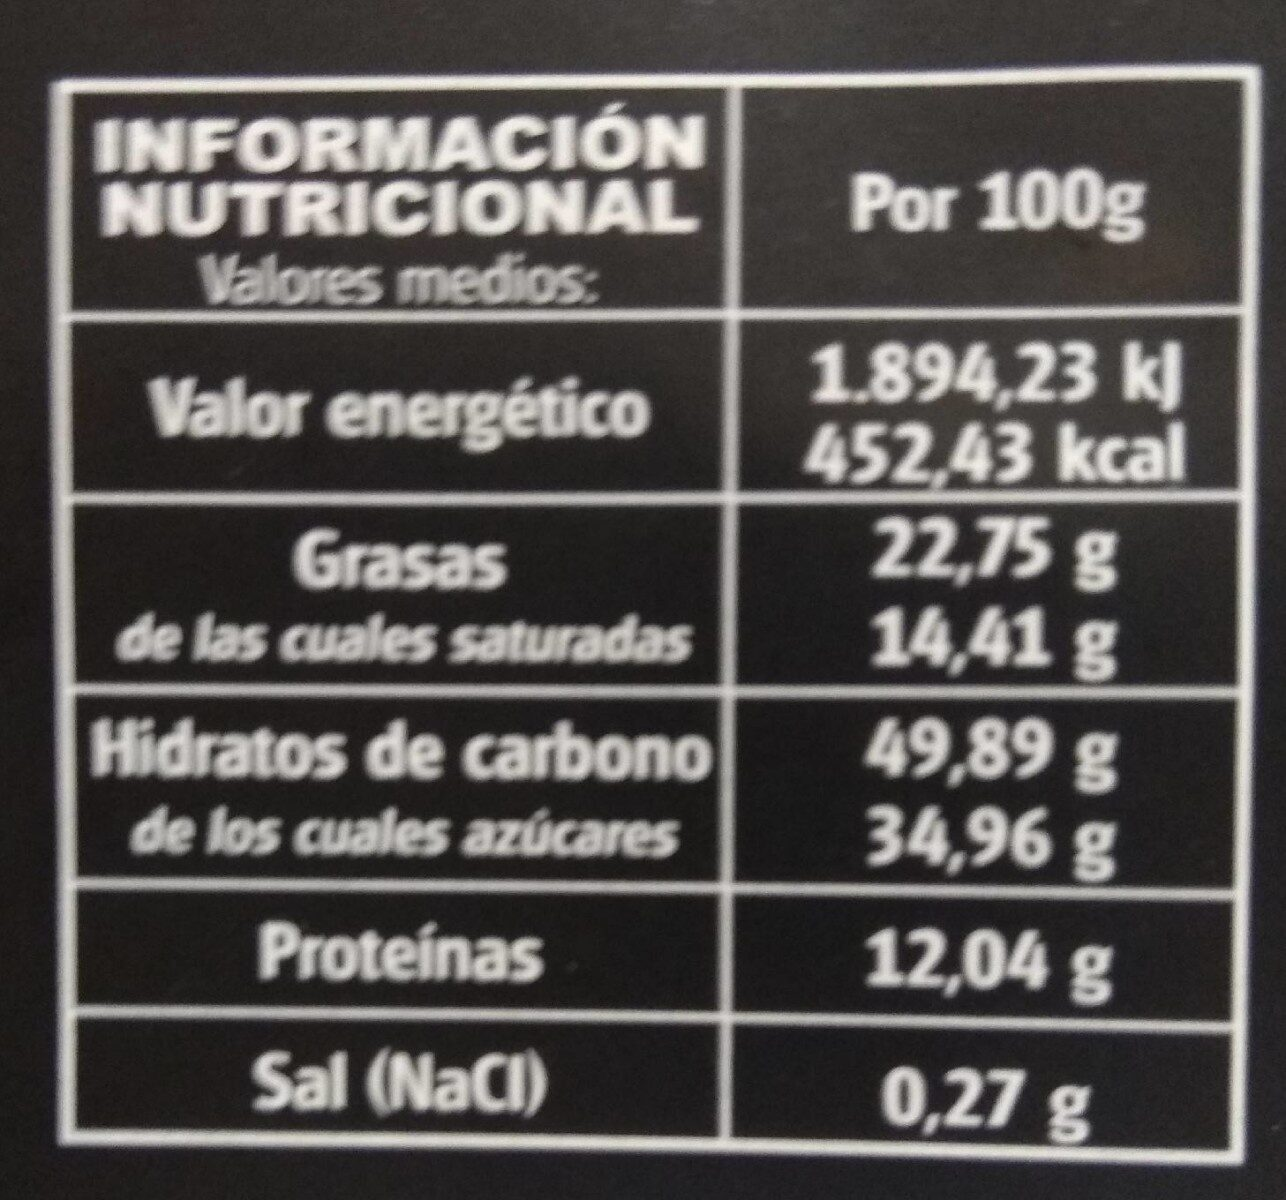 Chocolate Negro Alonso 70% - Información nutricional - es